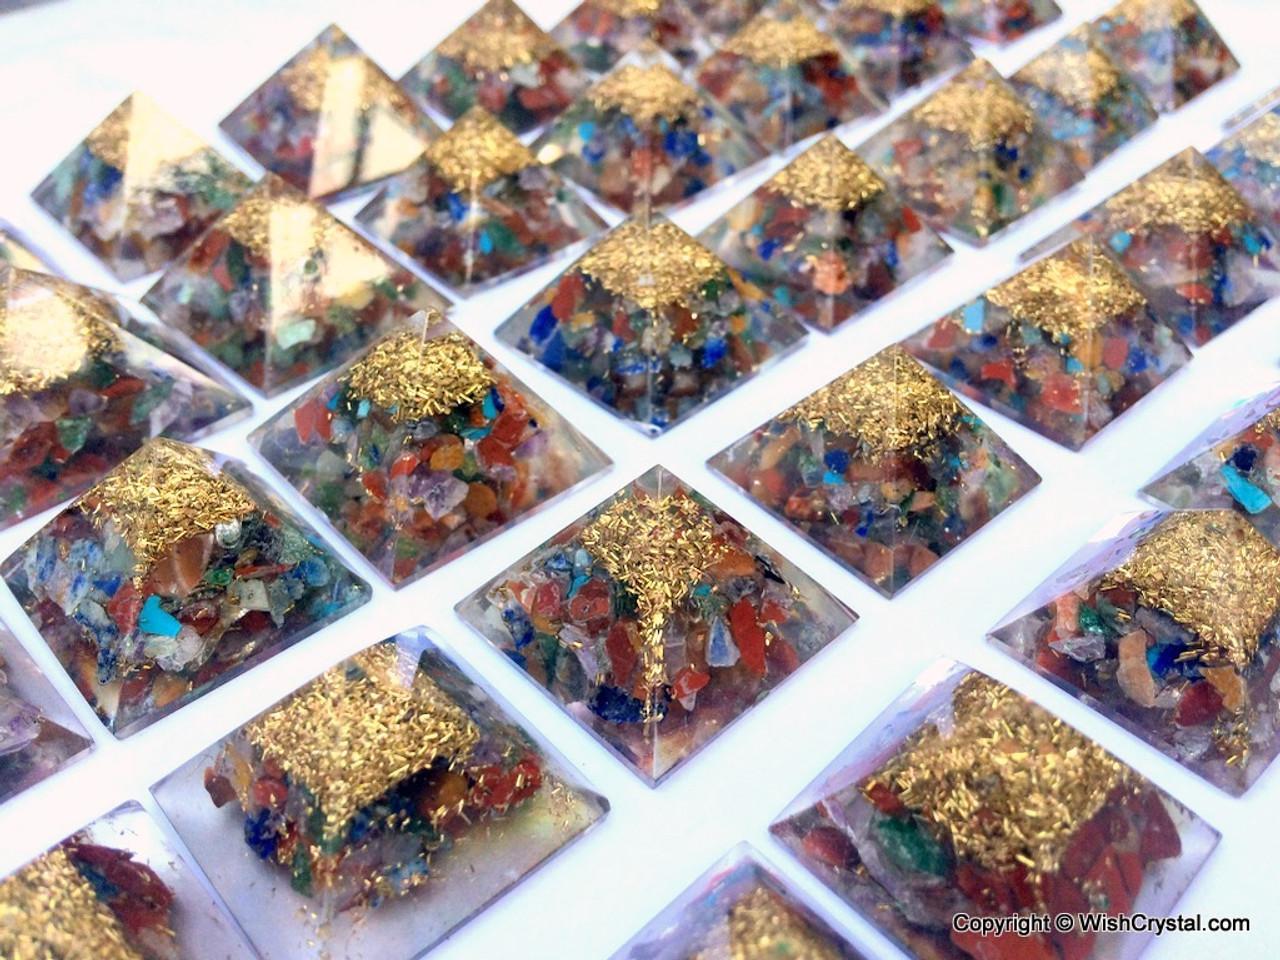 Lot of 25 Orgonite Merkaba points for Energy 7 Chakra Stones filled Aura Energy